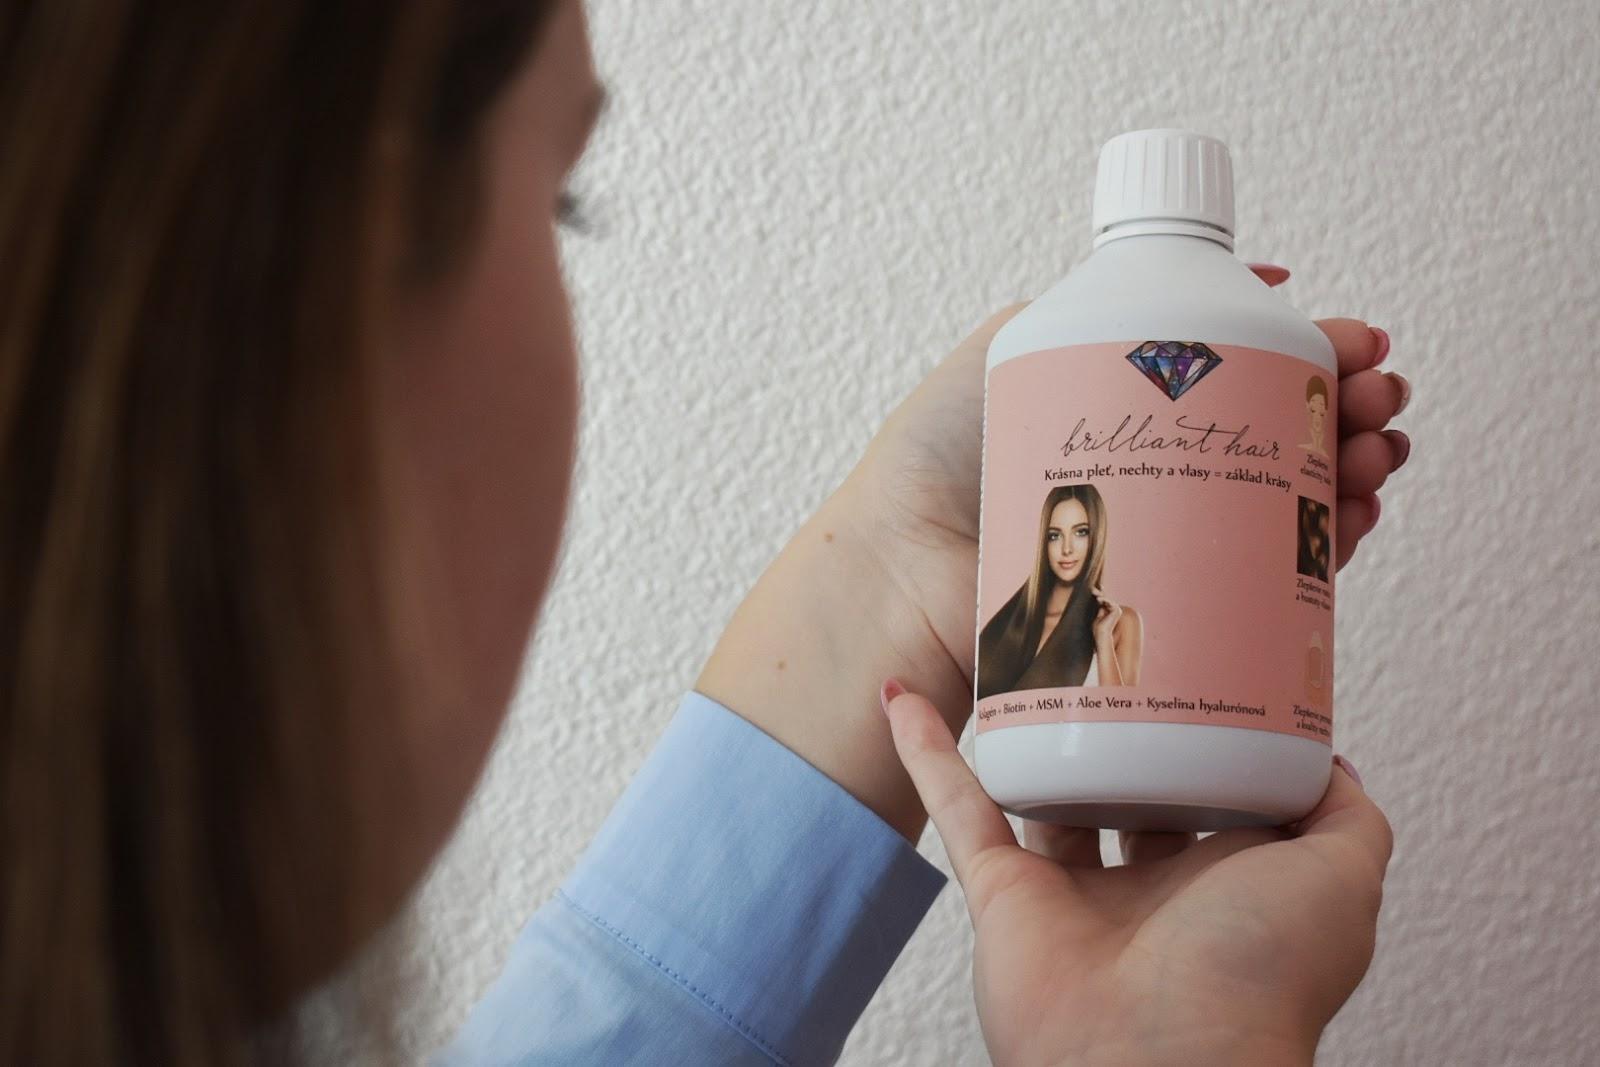 4975758b4 Zmena je jednoducho viditeľná a ja som nesmierne šťastná a spokojná, že  šampón a vitamíny zmenili moju korunu krásy.